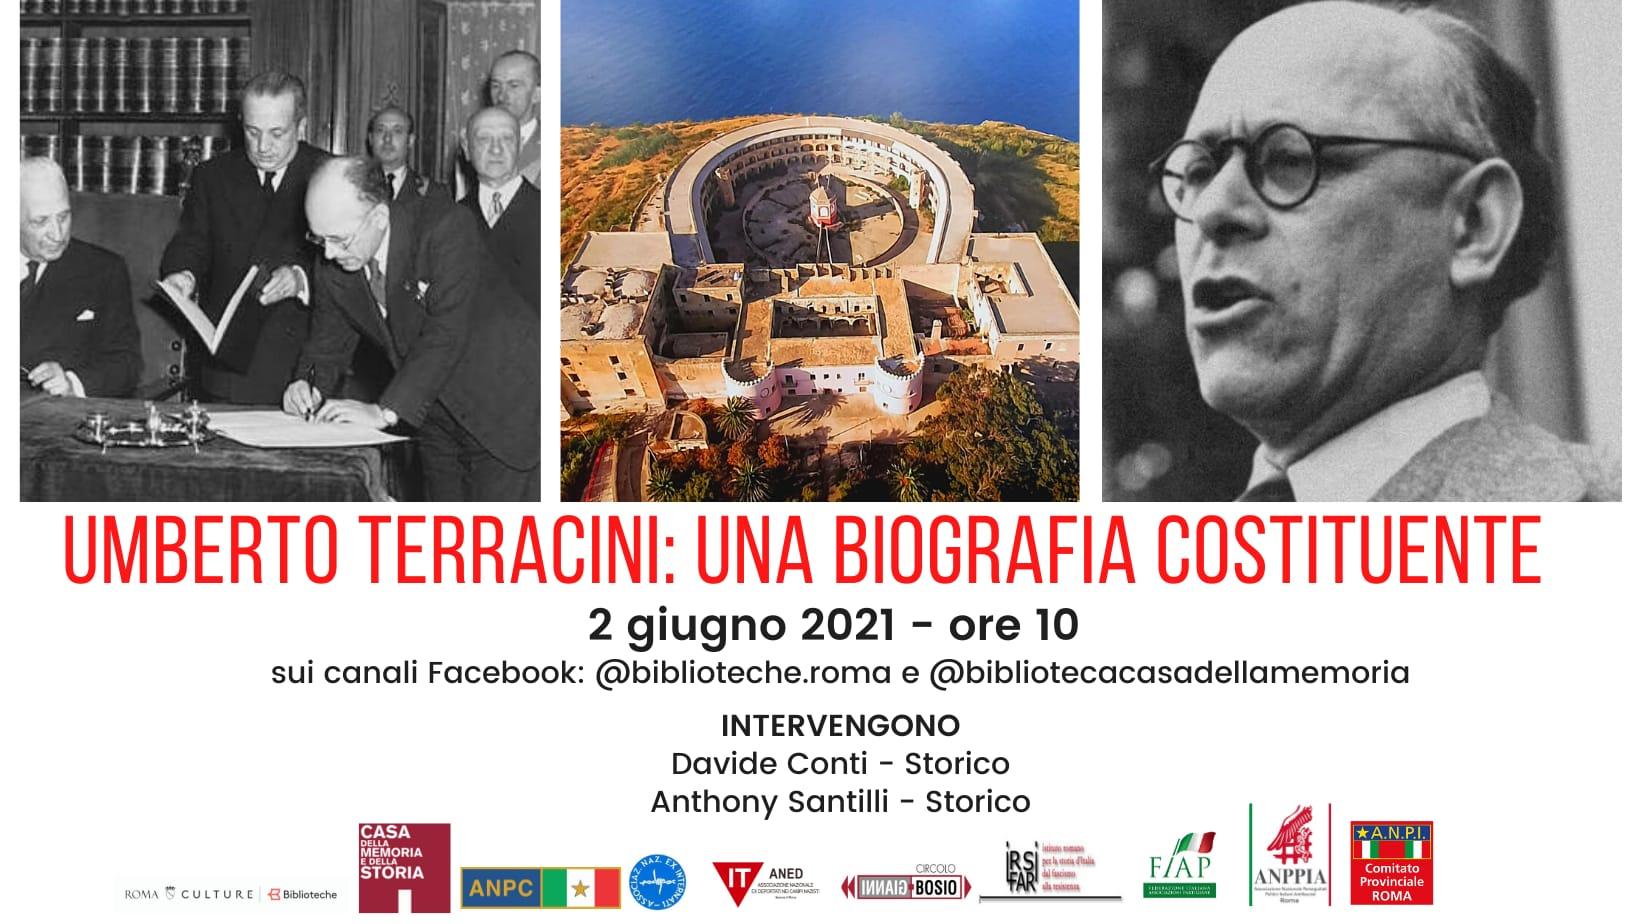 Umberto Terracini: una biografia costituente